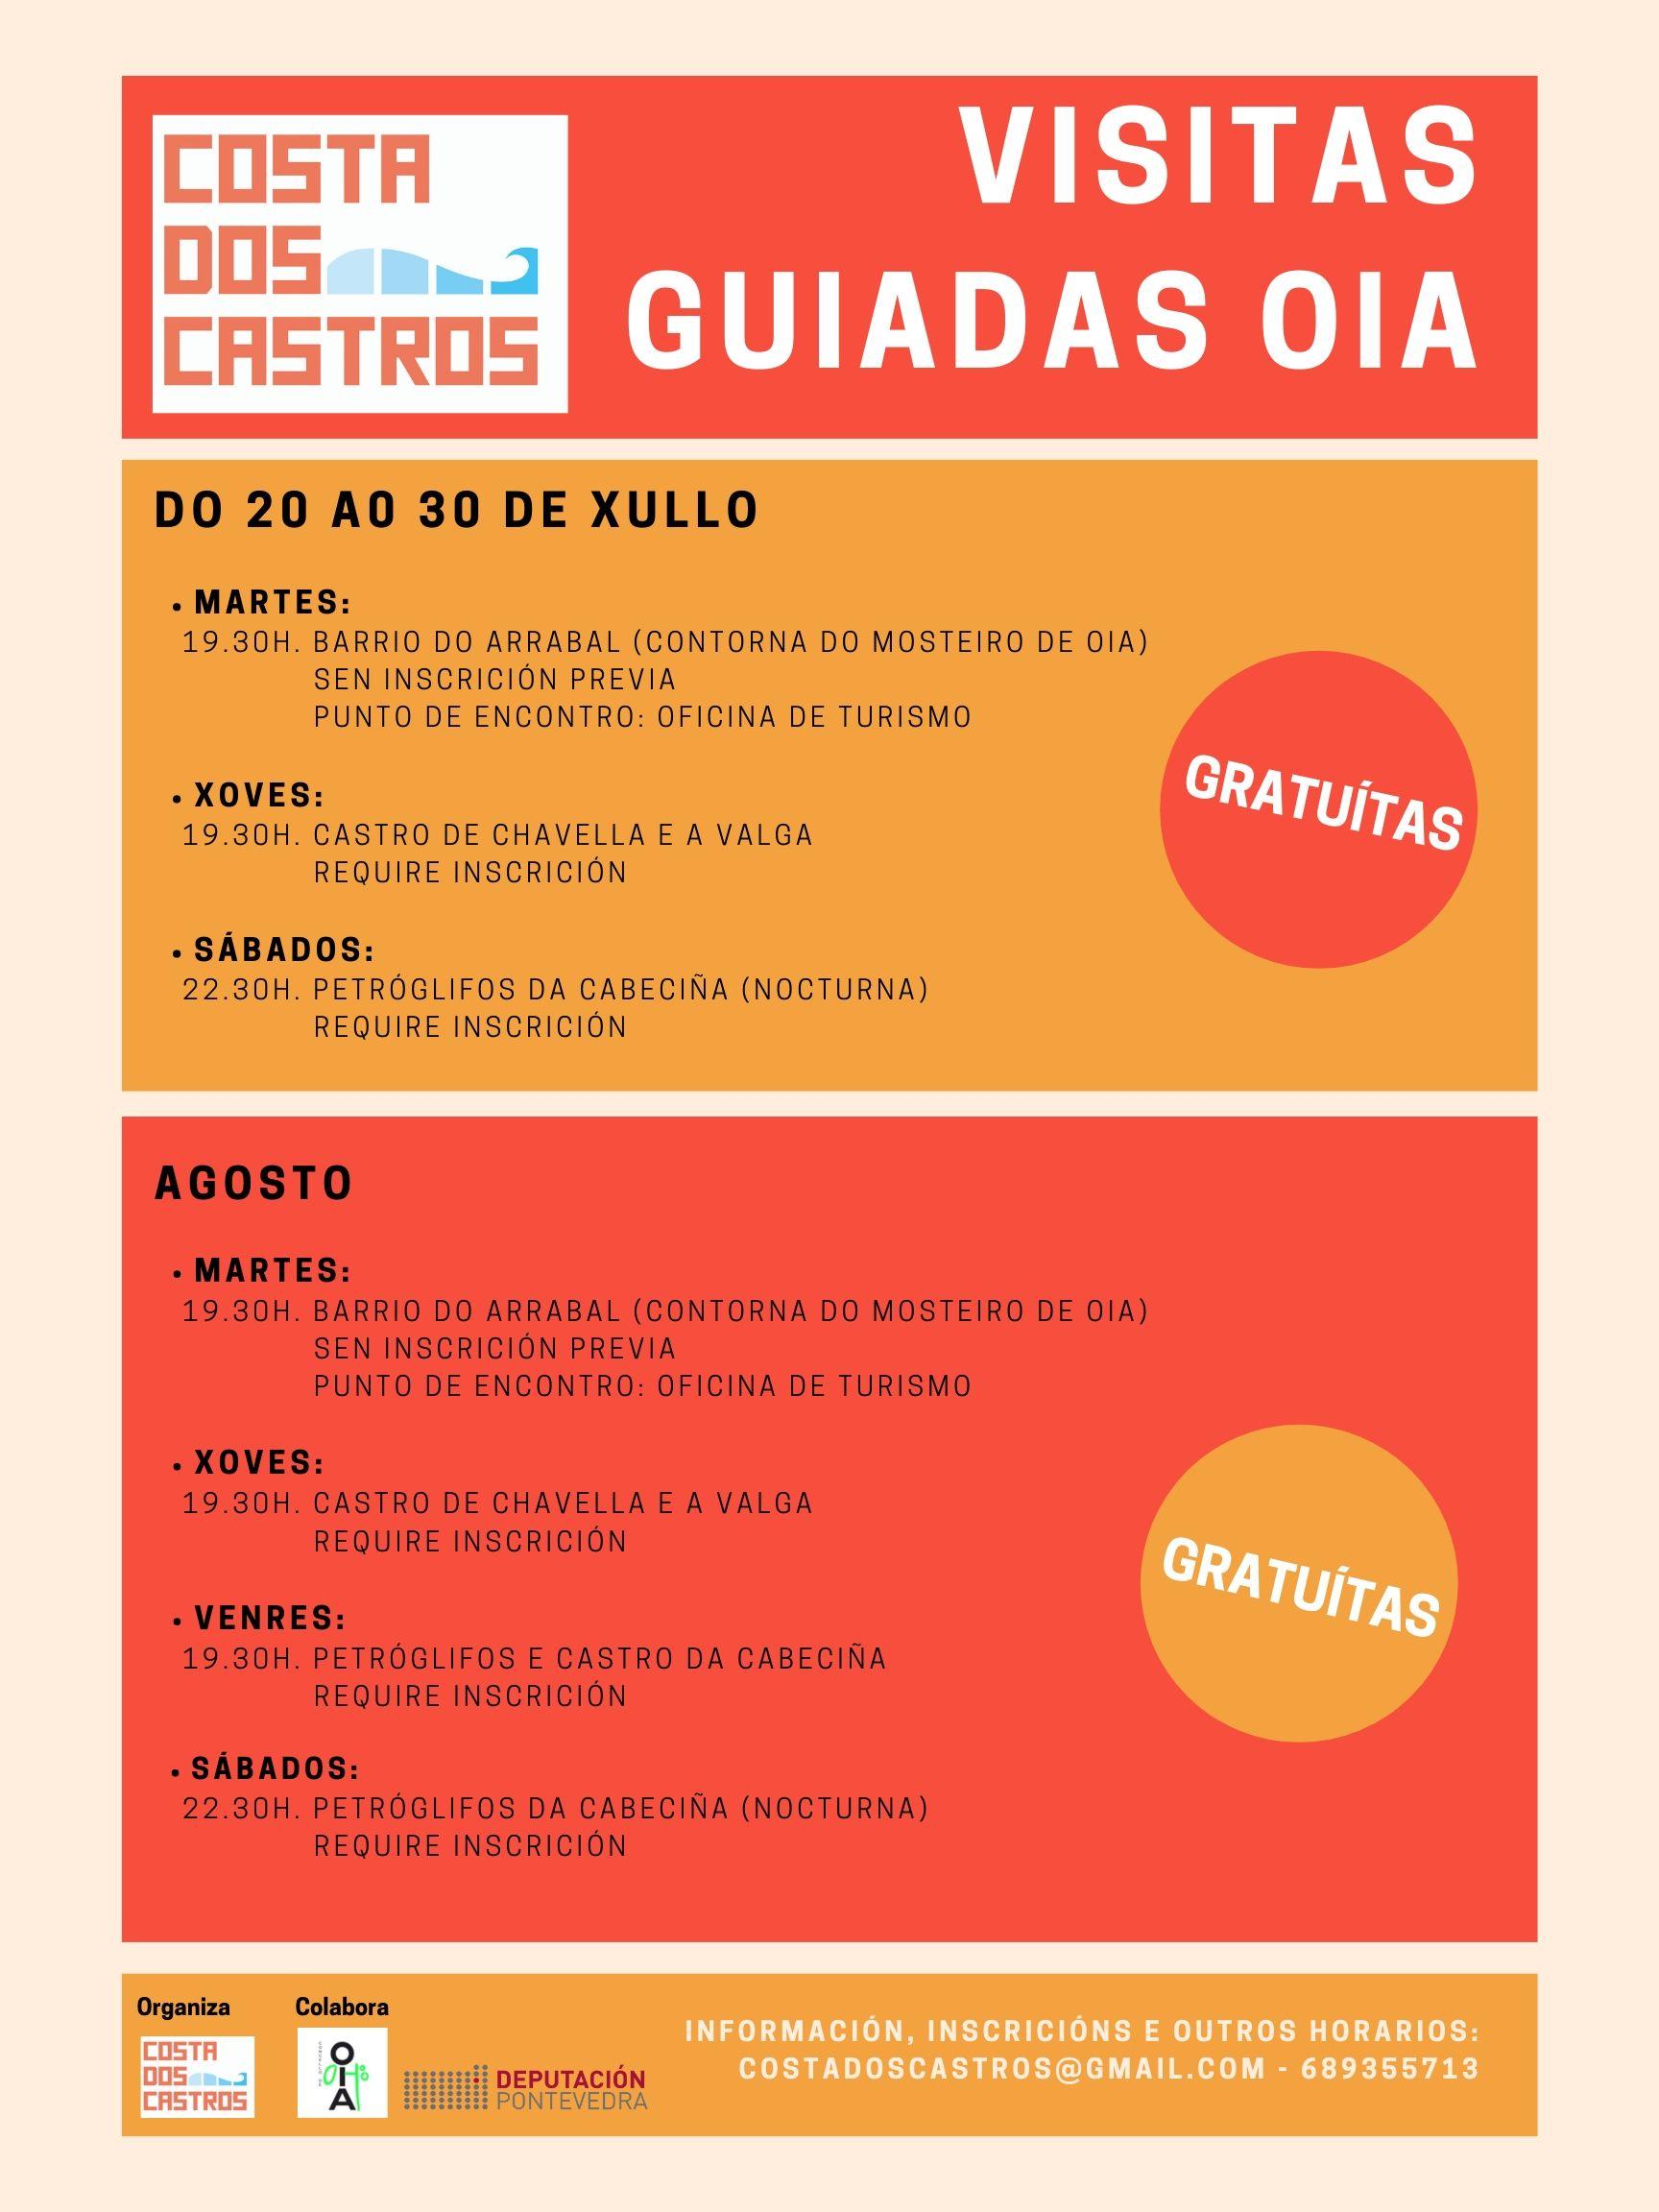 Arranca esta fin de semana a programación de visitas guiadas de Costa dos Castros